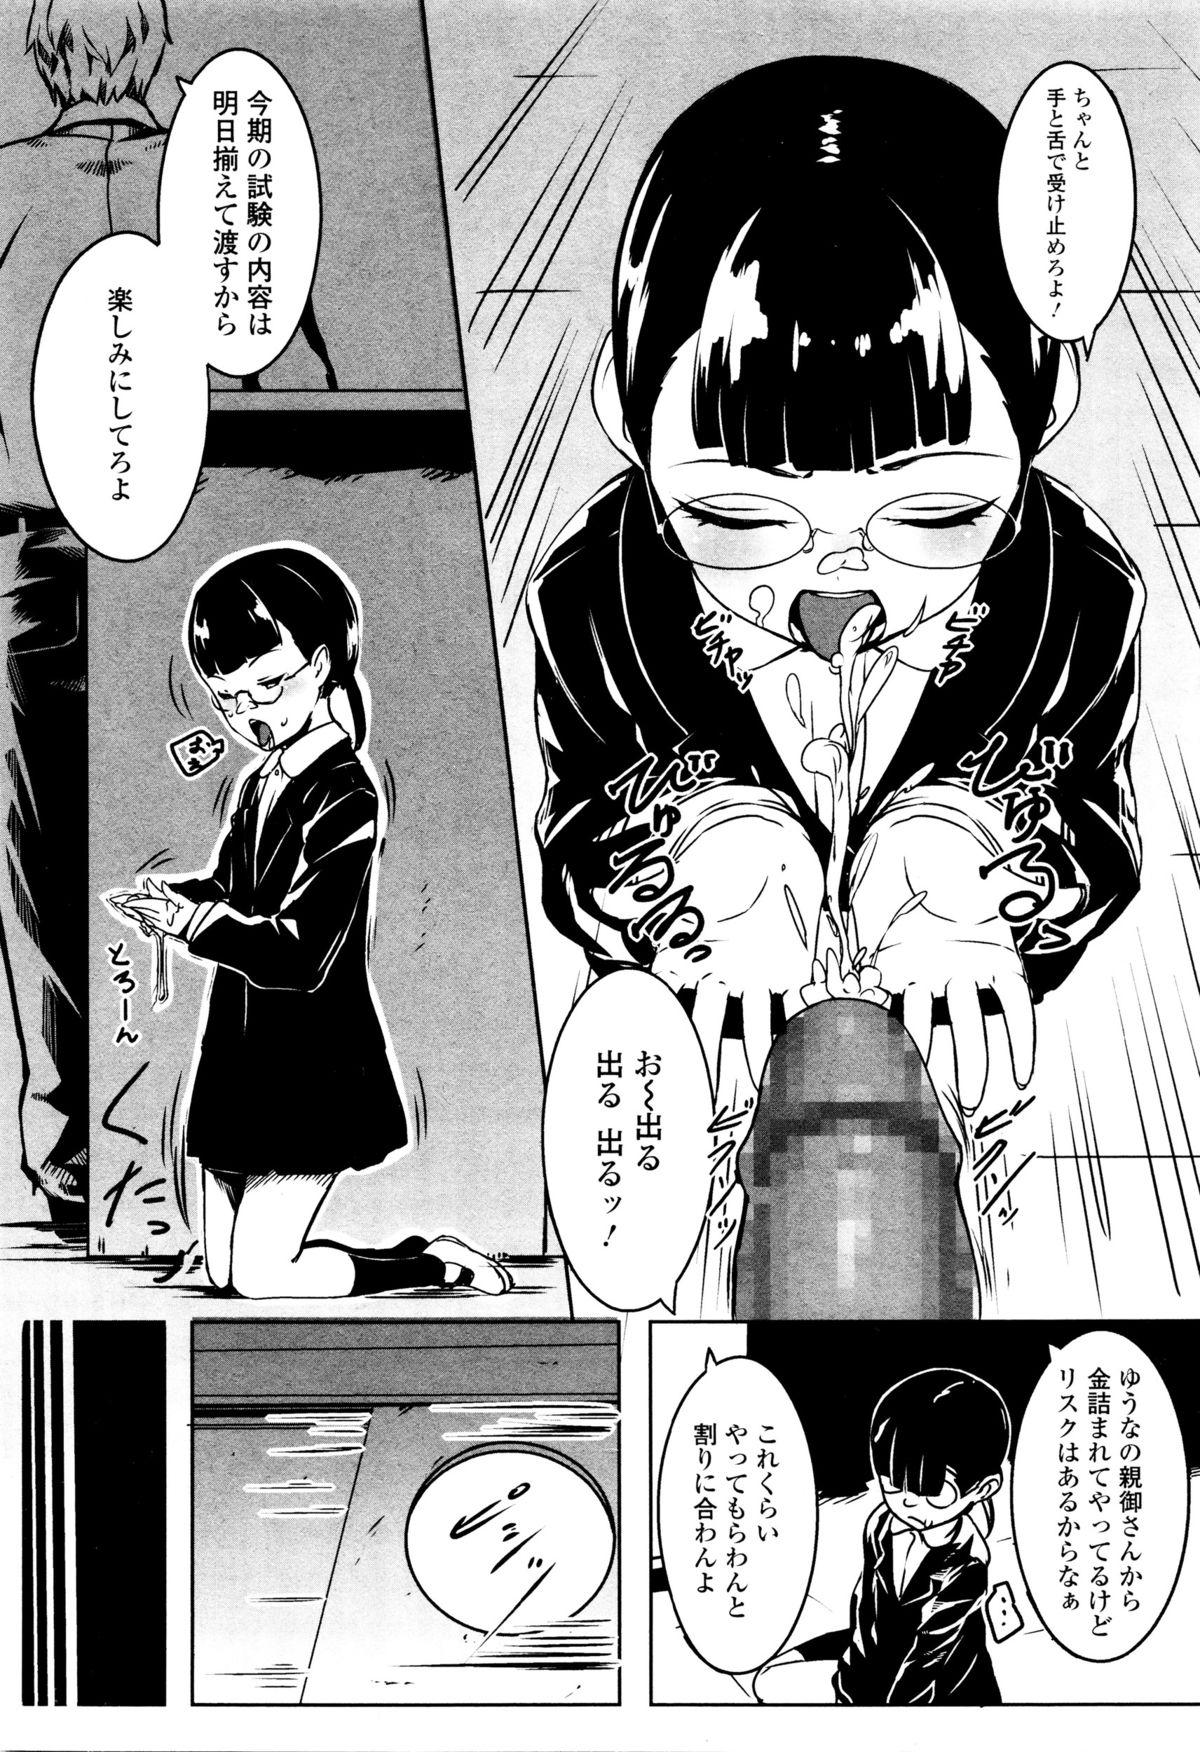 COMIC Mate Legend Vol. 7 2016-02 206